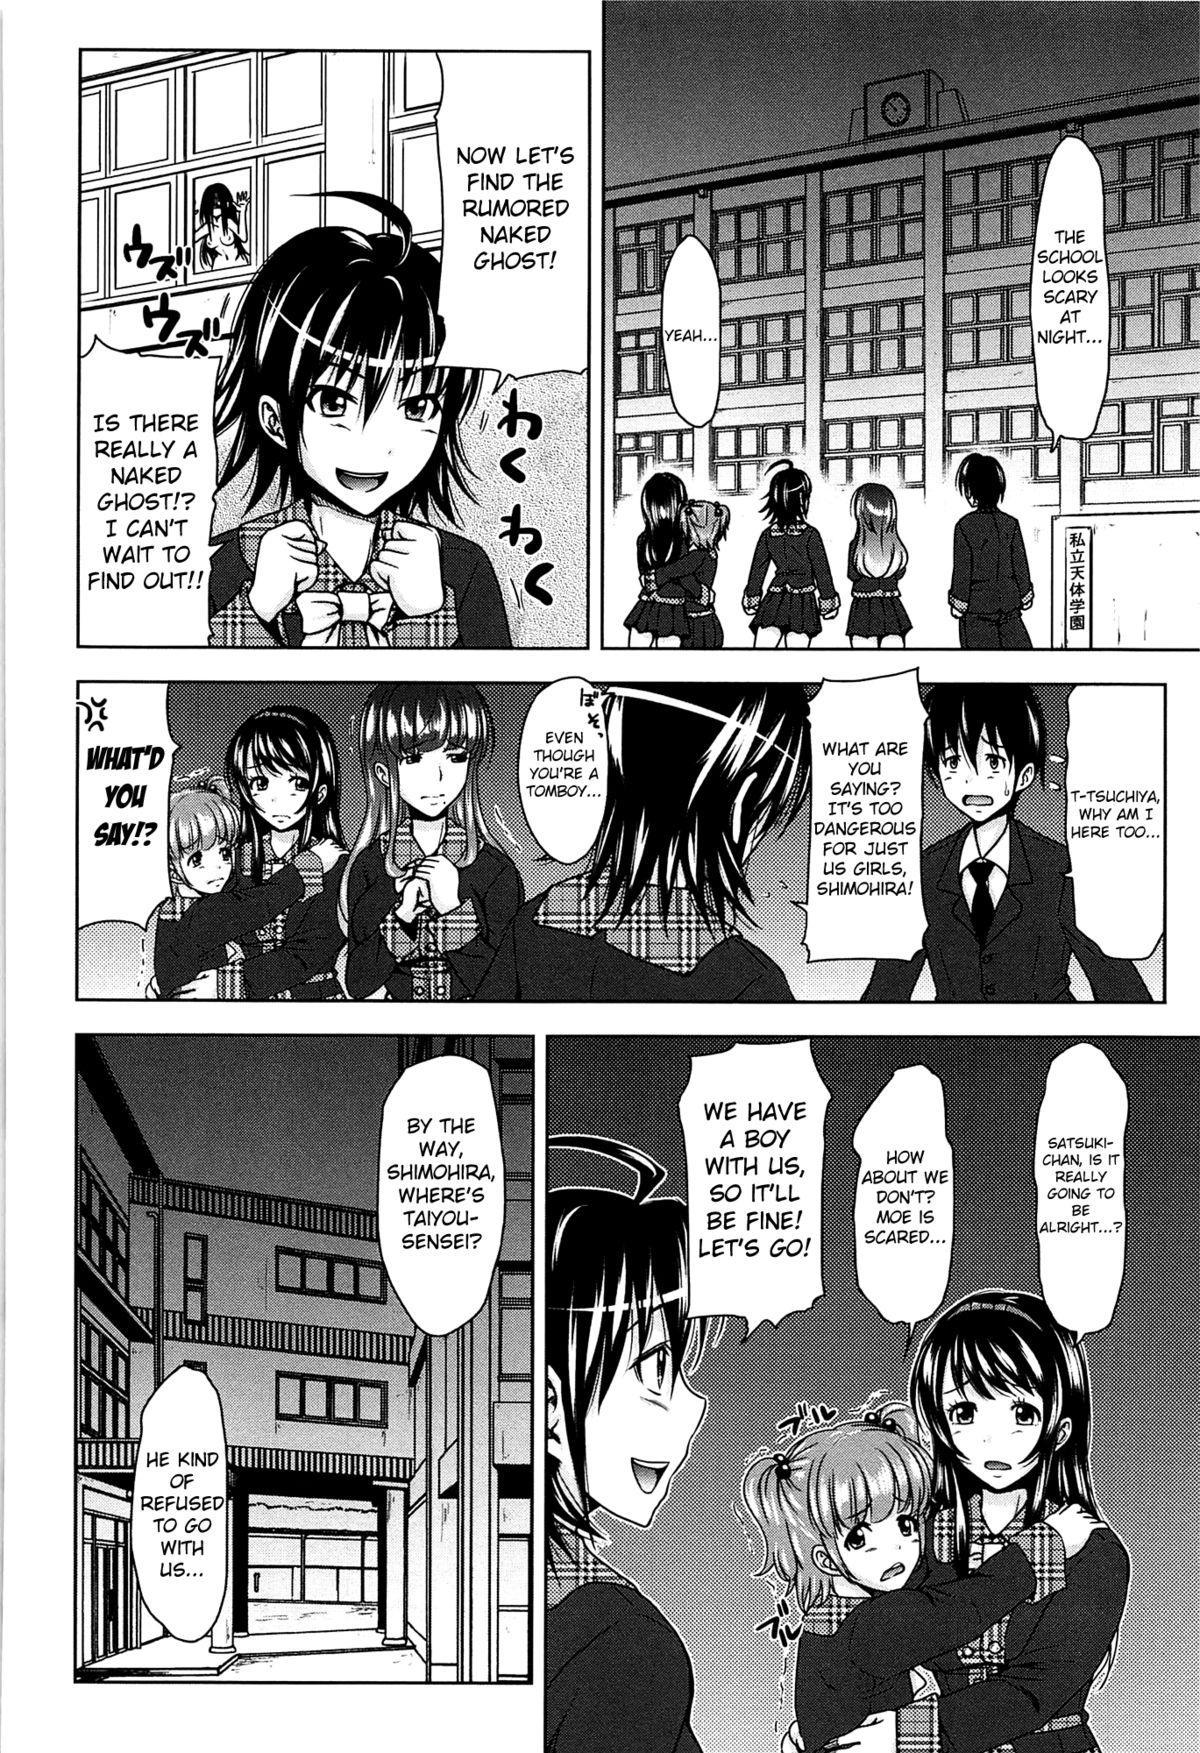 [Takuwan] H♥ERO -Sei no Kyoushitsu- Ch. 0-4 [English] [Mikakunin] 51